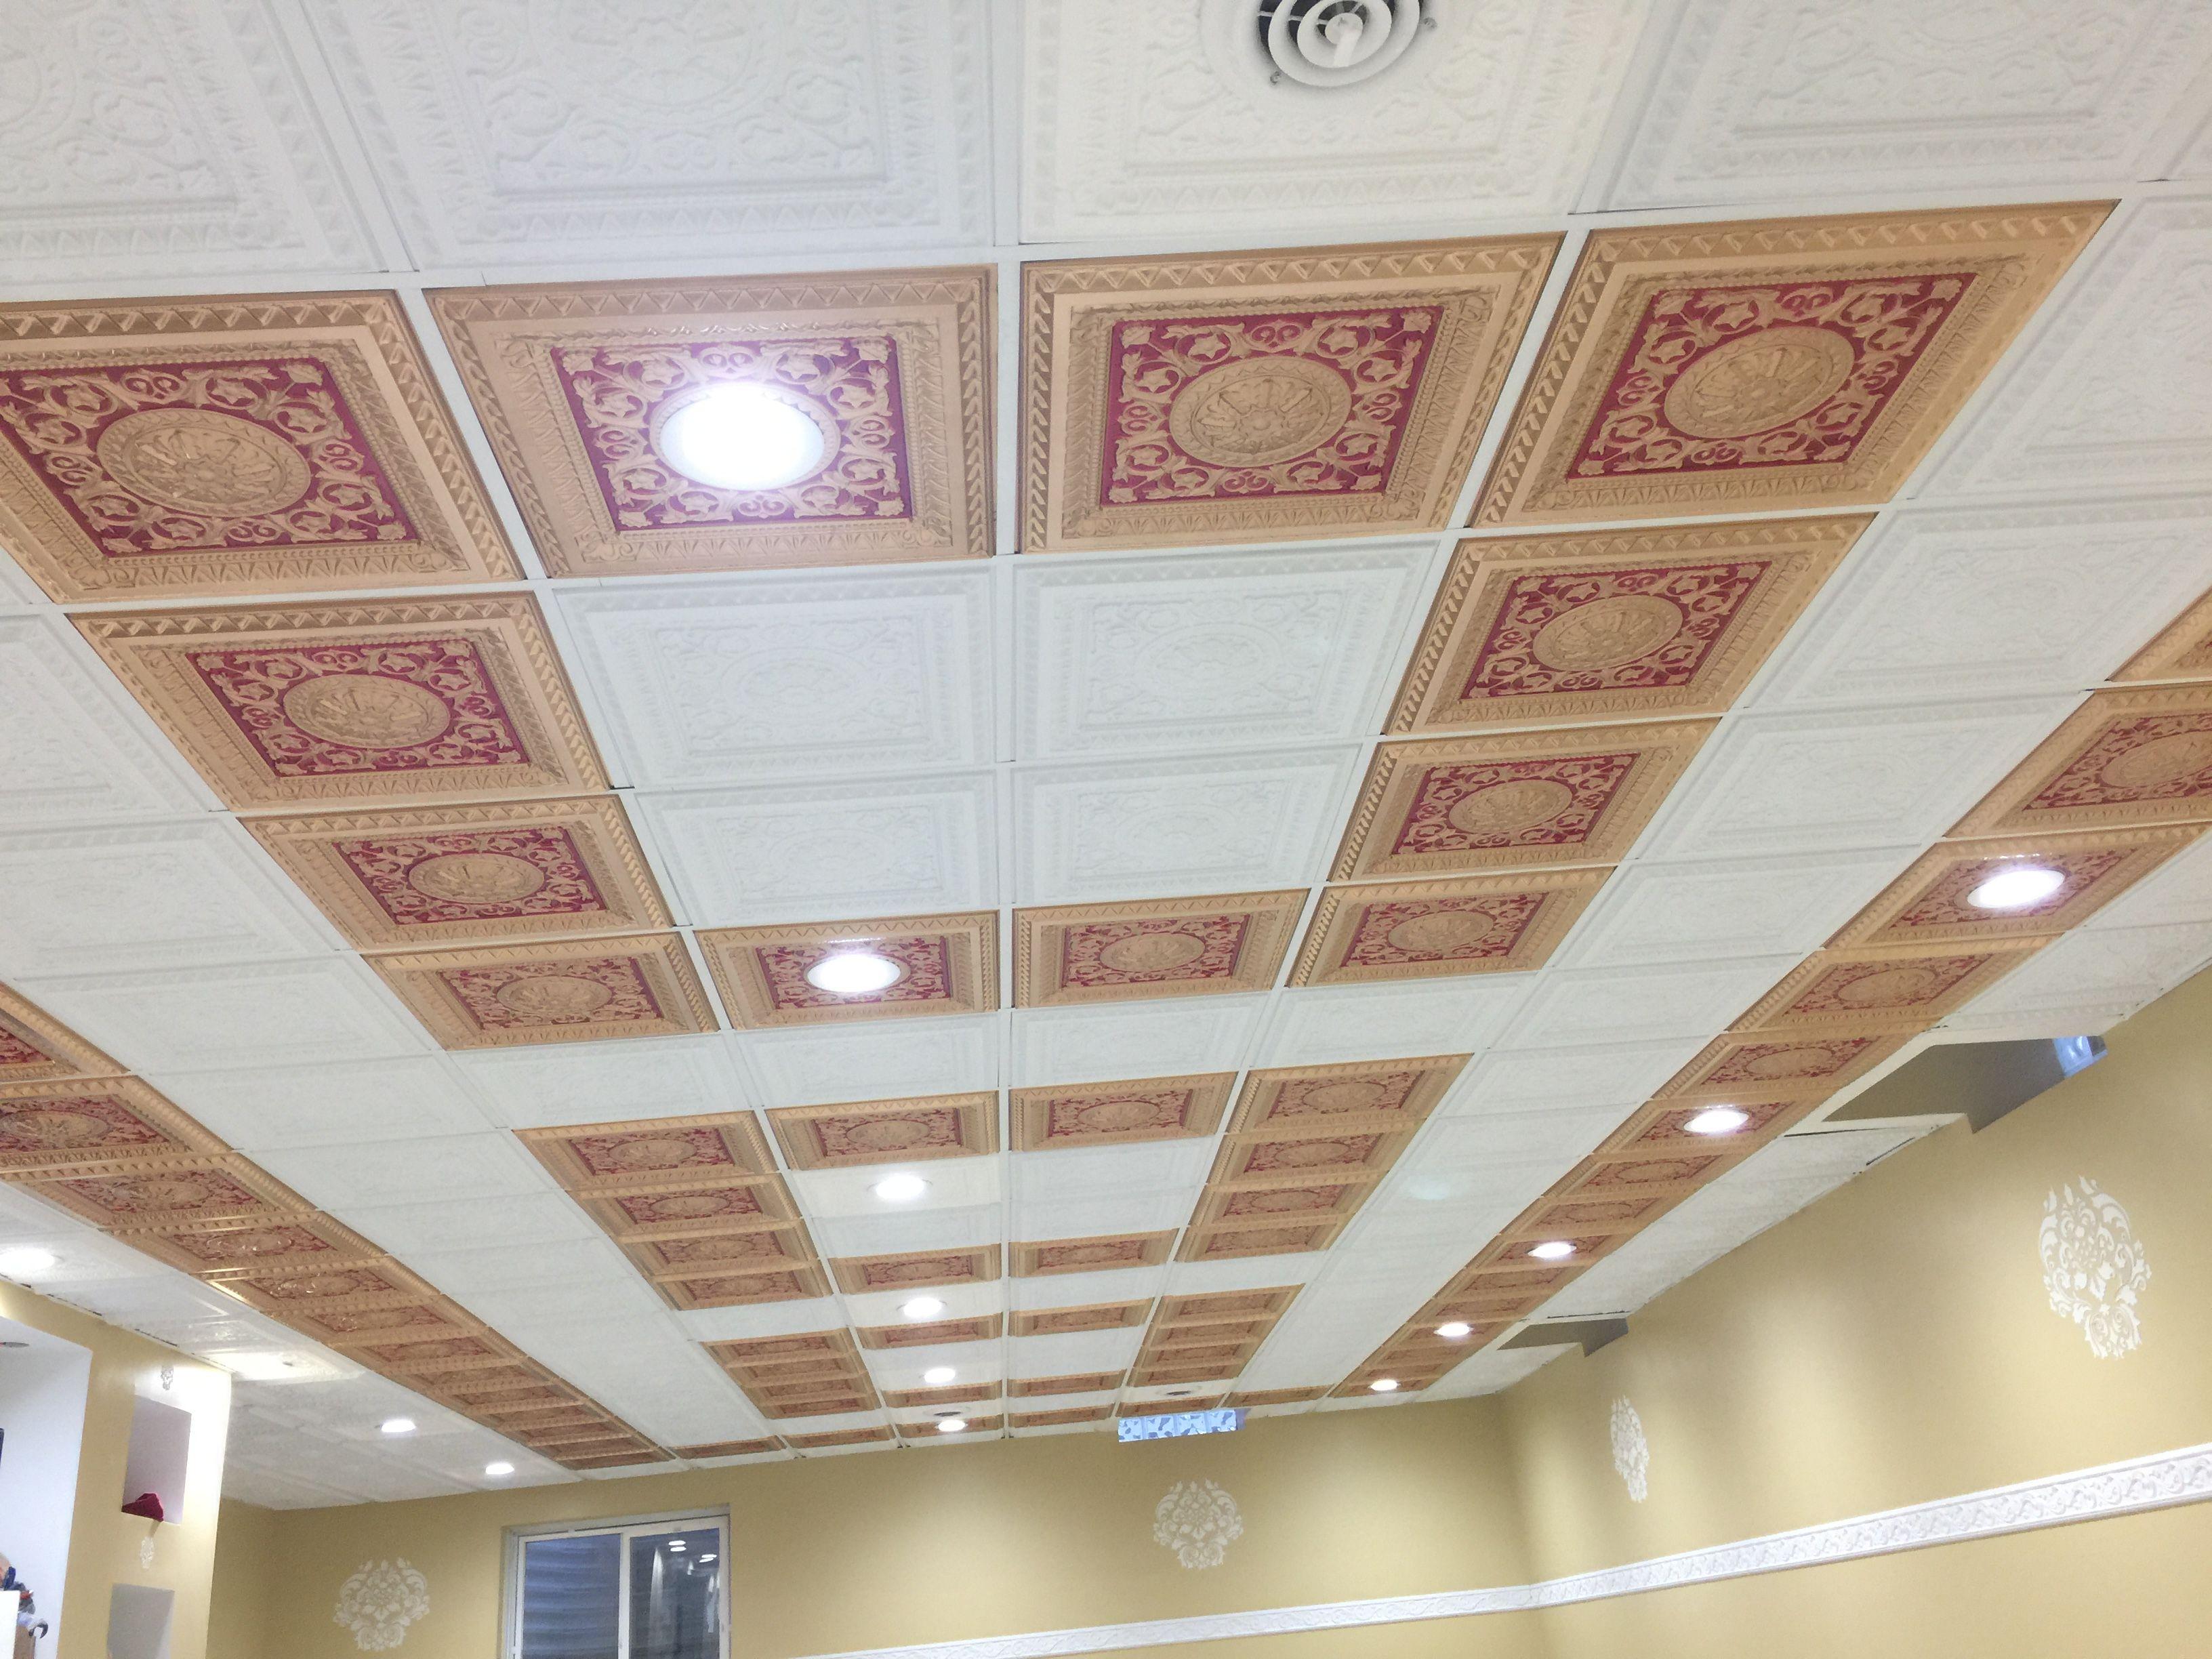 D215 Pvc Ceiling Tile 24x24 Drop In